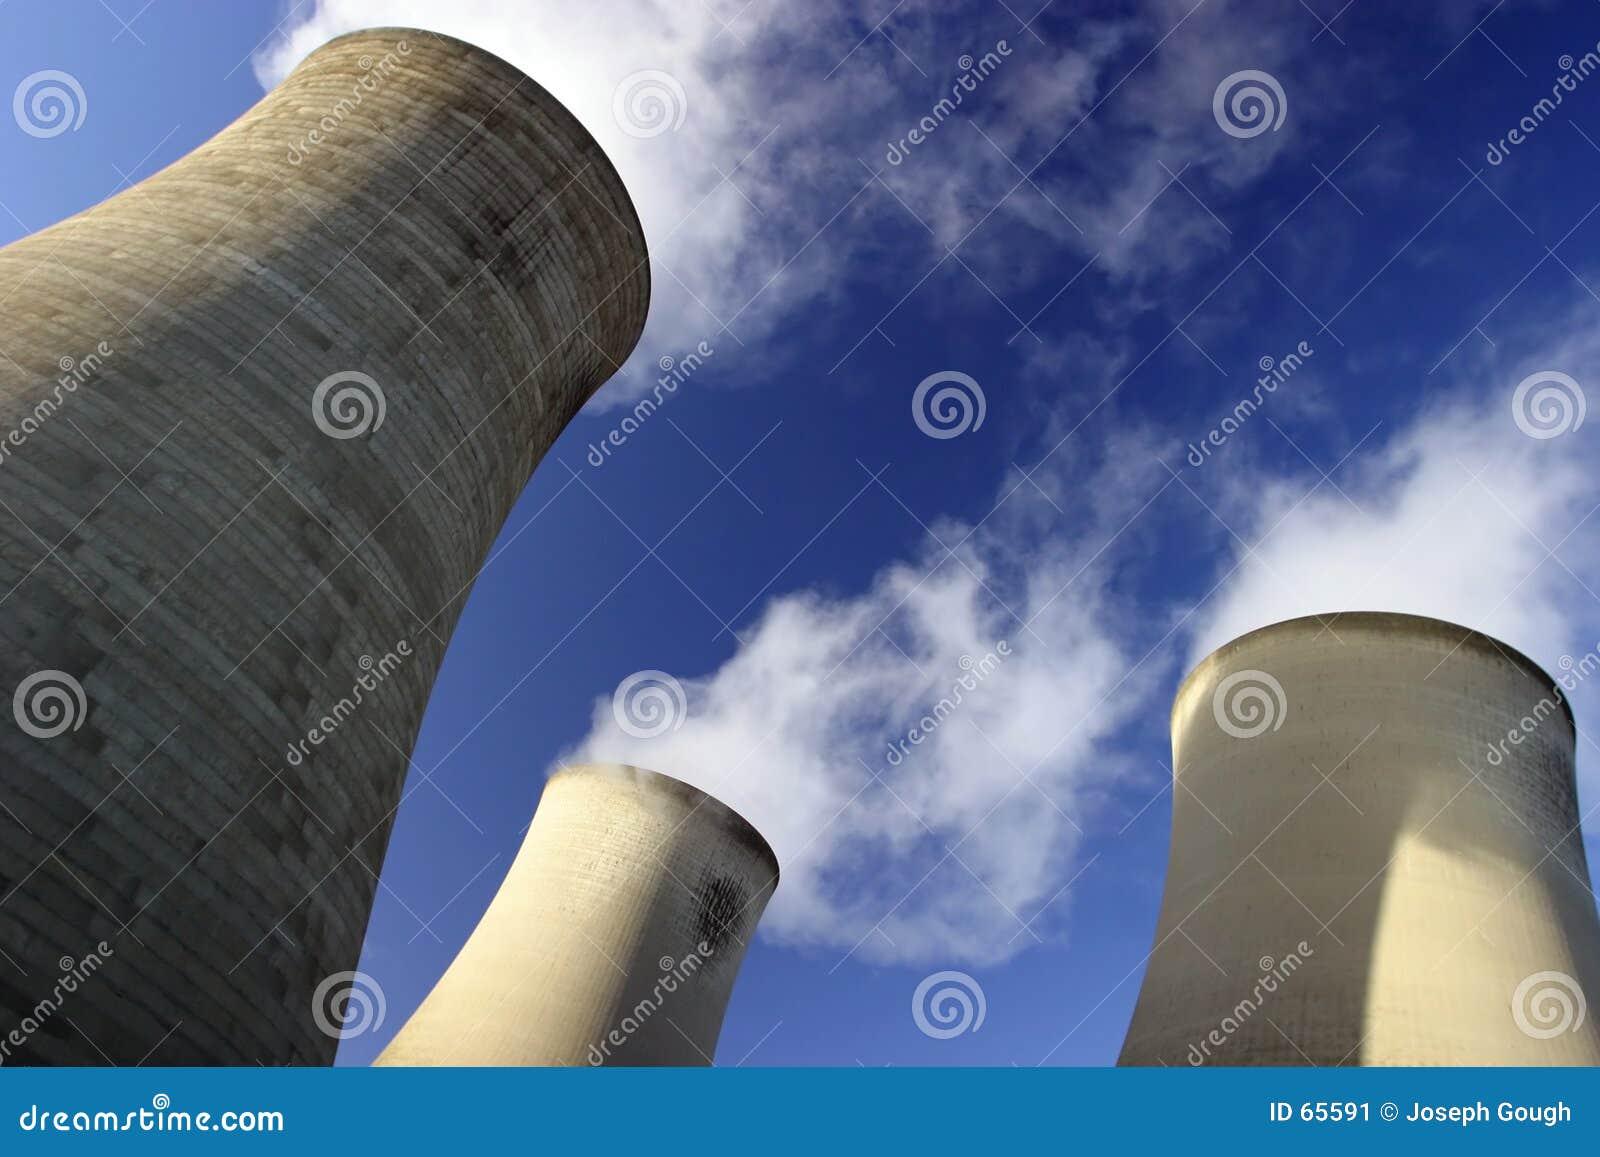 Tours de refroidissement, centrale électrique